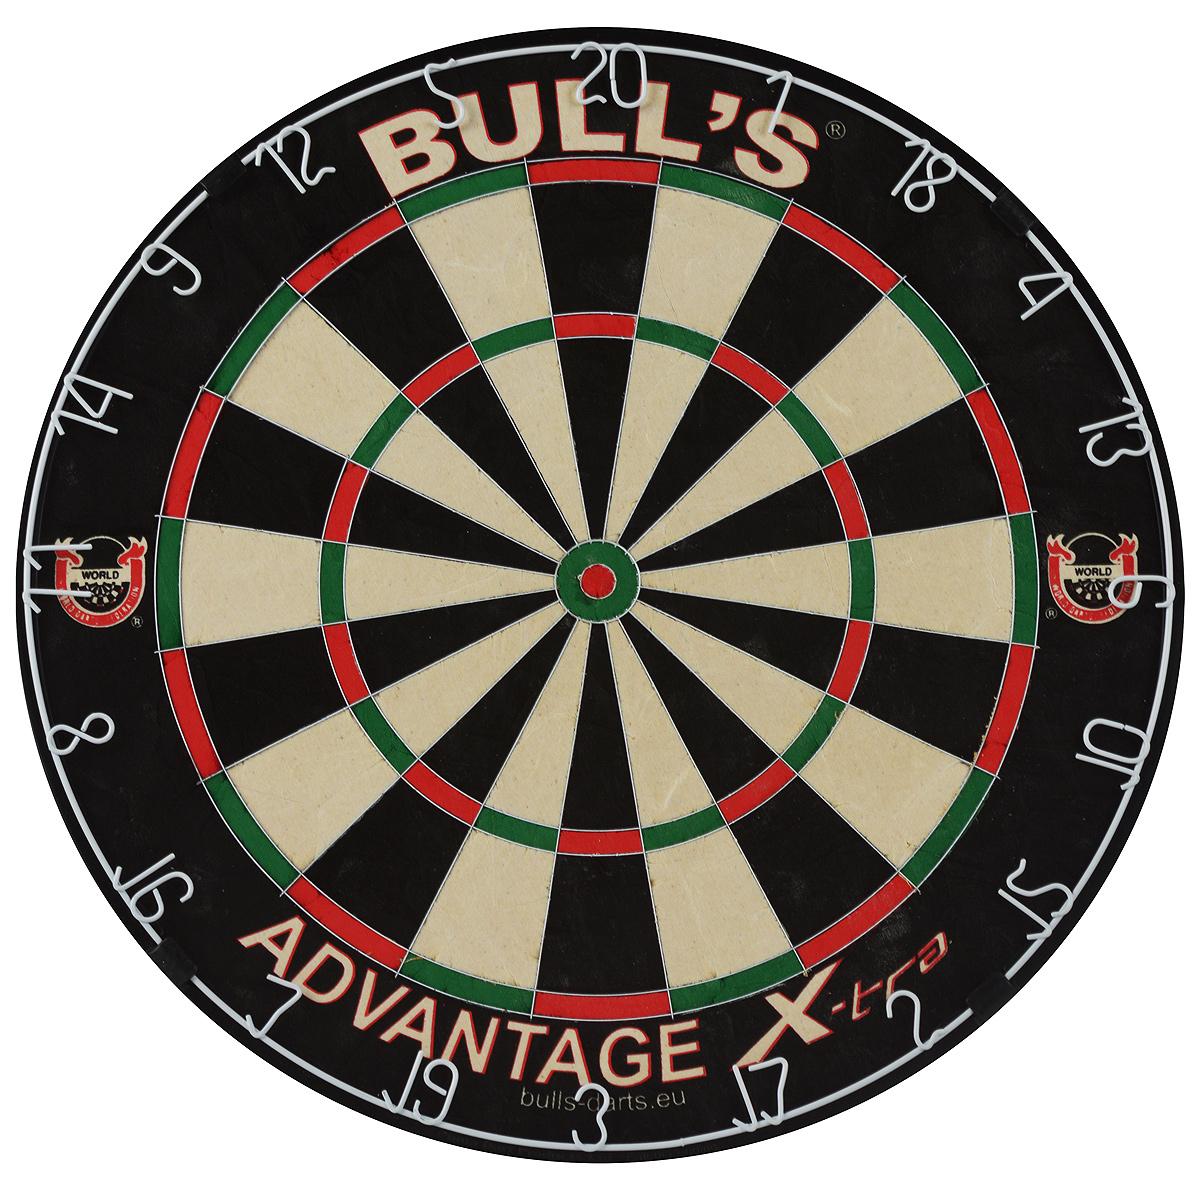 Мишень Bulls Advantage Xtra Bristle Board68002Мишень Bulls Advantage Xtra Bristle Board - официальная мишень Всемирной Федерации Дартс (WDF), мишень Кубка Мира по дартс 1999-2011. Имеет классическую турнирную форму и размеры. Изготовлена из силумина, сизаля, пластика и МДФ. Ультратонкие стальные разделительные пластины врезаны в поверхность мишени. Мишень оснащена металлическим кольцом, покрытым белой краской. Увеличенное секторное поле, особенно в зонах удвоения очков. Мишень не имеет крепежных скобок. В комплекте - специальные крепежные элементы для подвешивания к стене. Возврат товара возможен только при наличии заключения сервисного центра. Время работы сервисного центра: Пн-чт: 10.00-18.00 Пт: 10.00- 17.00 Сб, Вс: выходные дни Адрес: ООО ГАТО, 121471, г.Москва, ул. Петра Алексеева, д 12., тел. (495)232-4670, gato@gato.ru